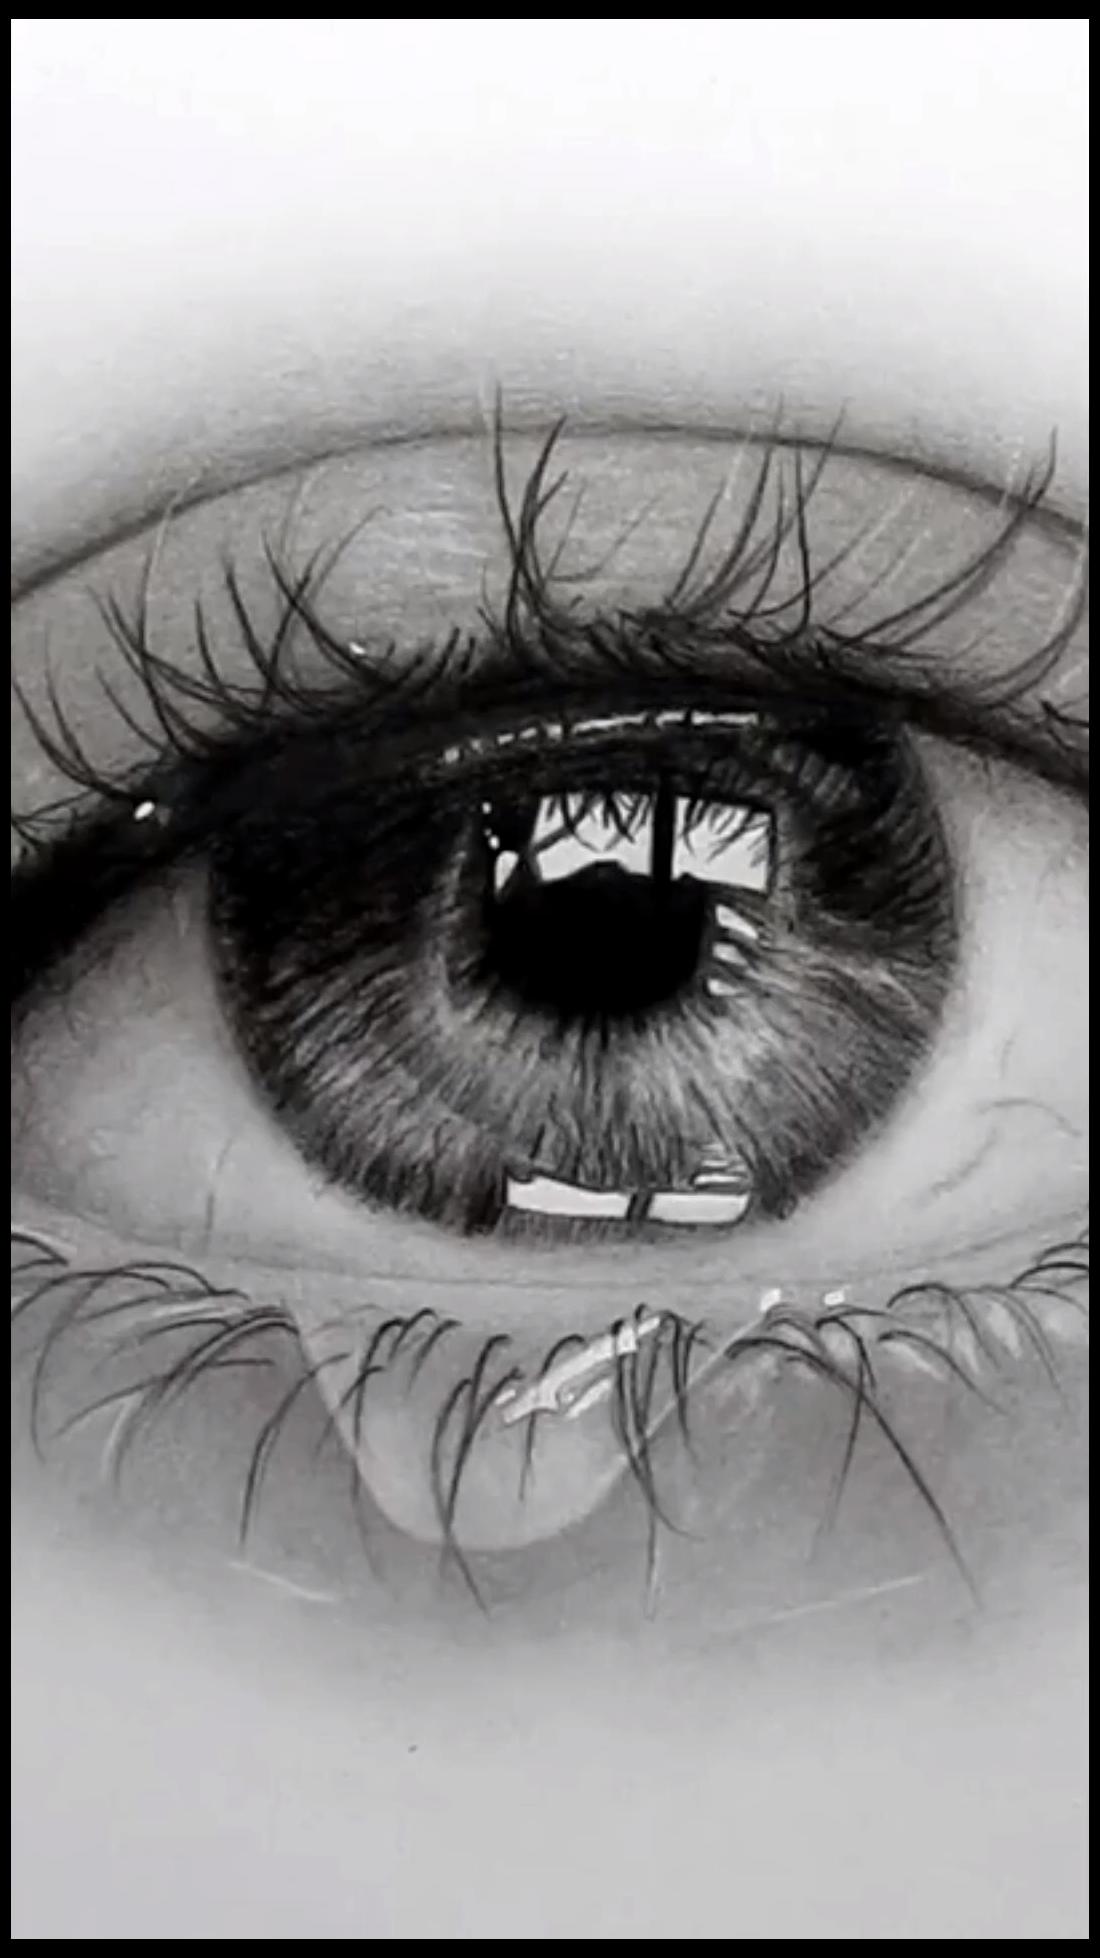 realistic drawings of eyes